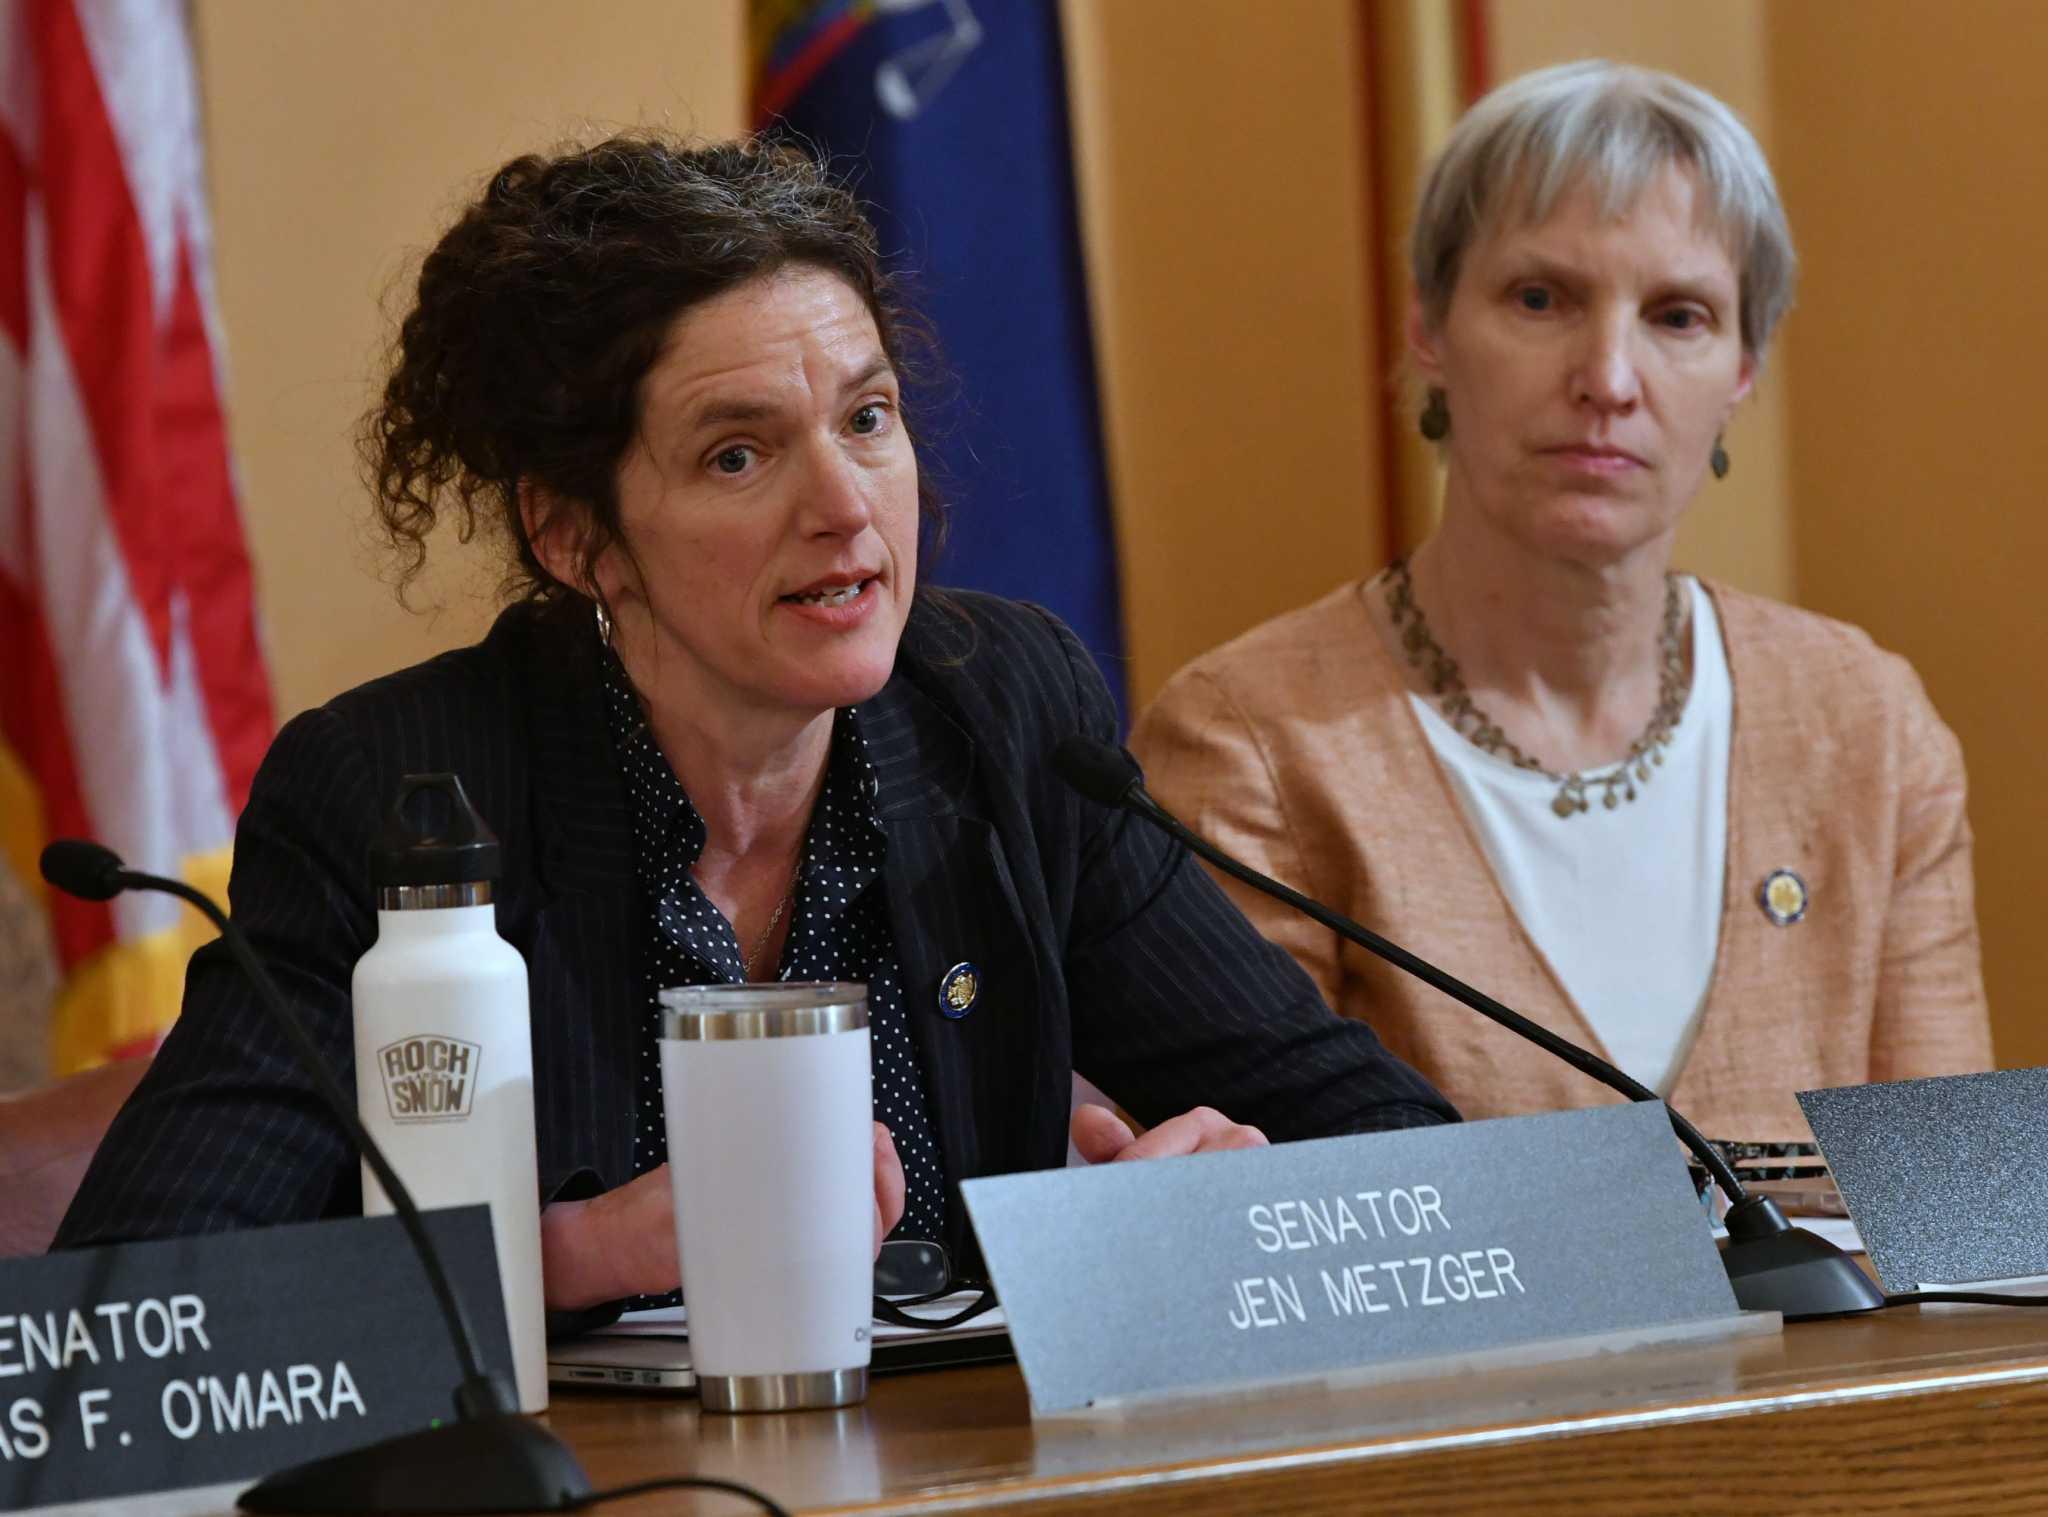 Pro-Life advocates sue state over 'Boss Bill'